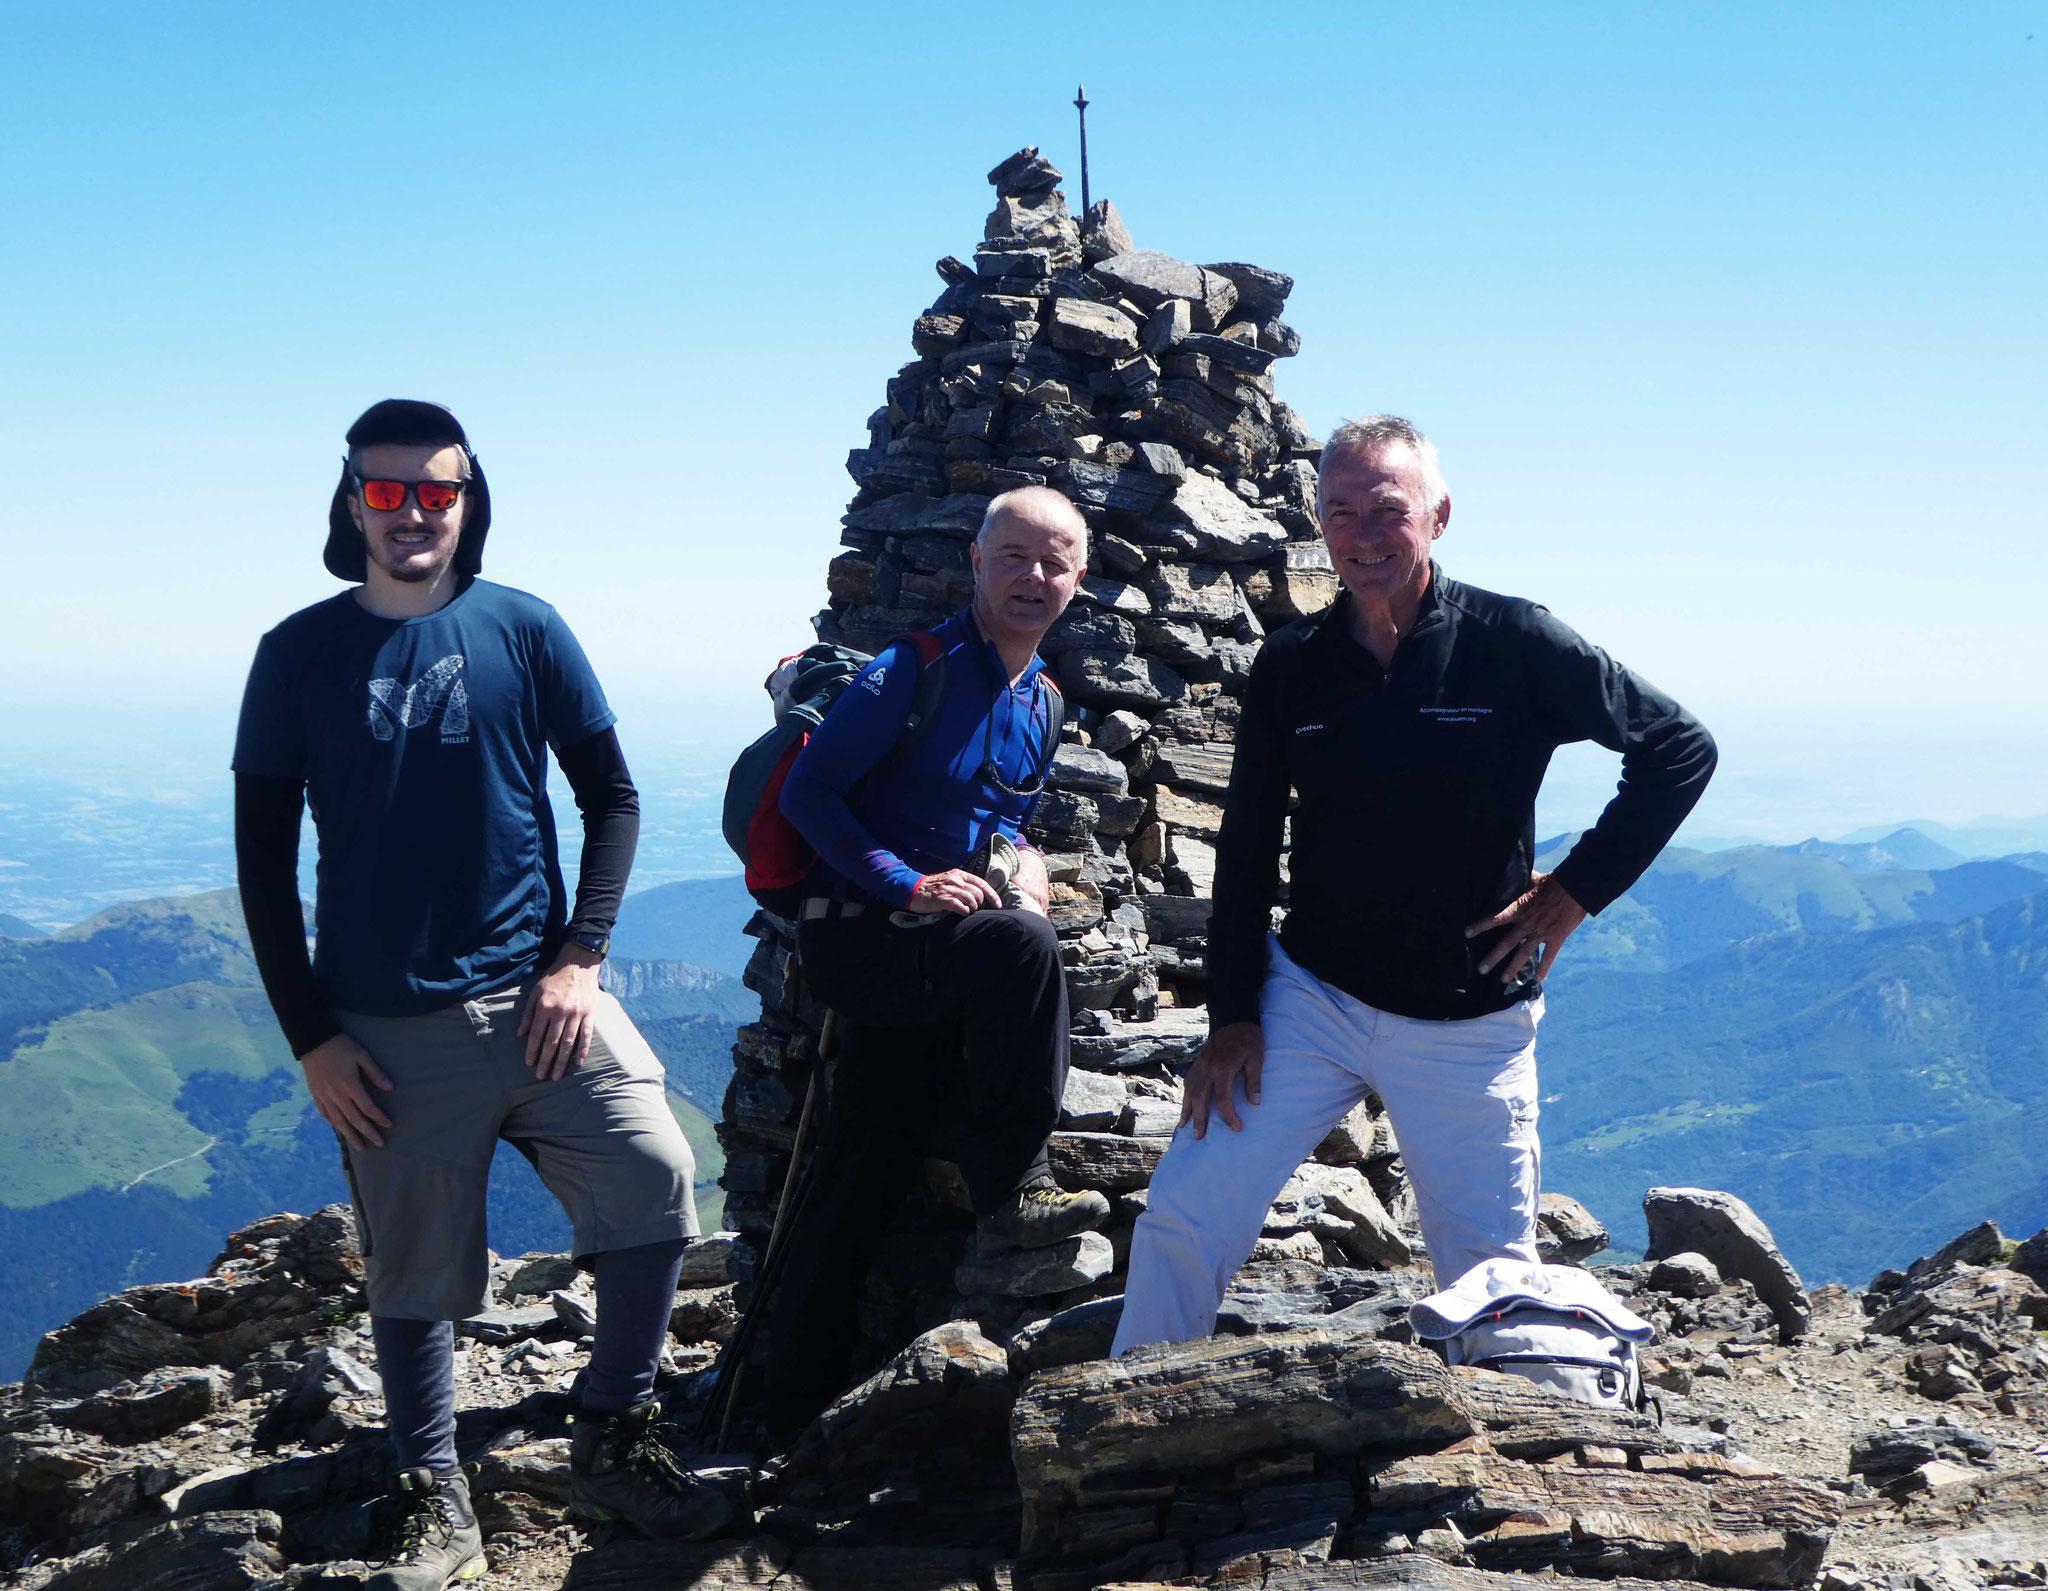 Heureux de notre ascension auprès du cairn sommital principal